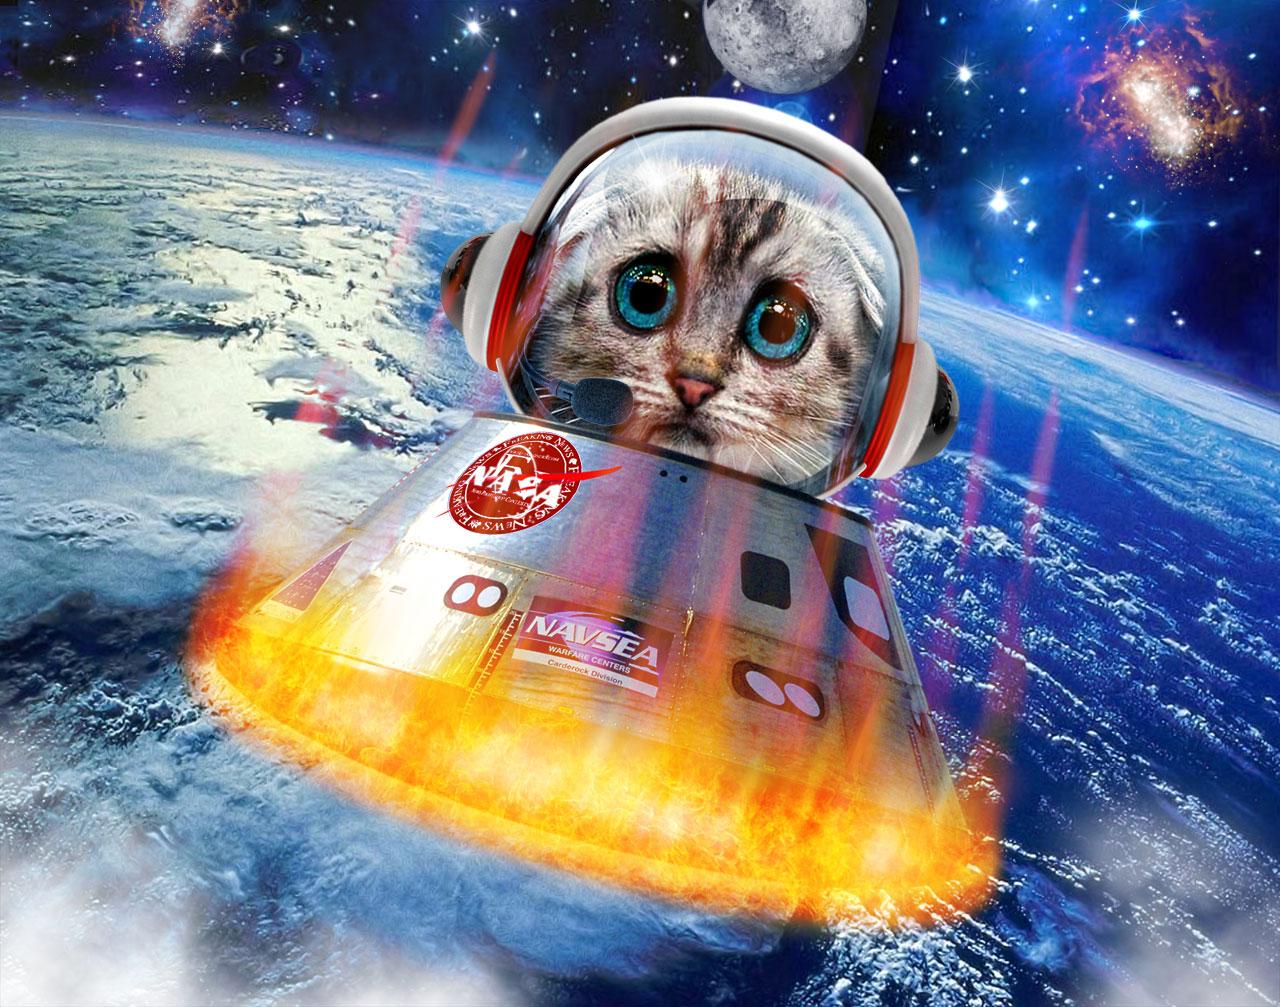 картинки животных в космосе основном